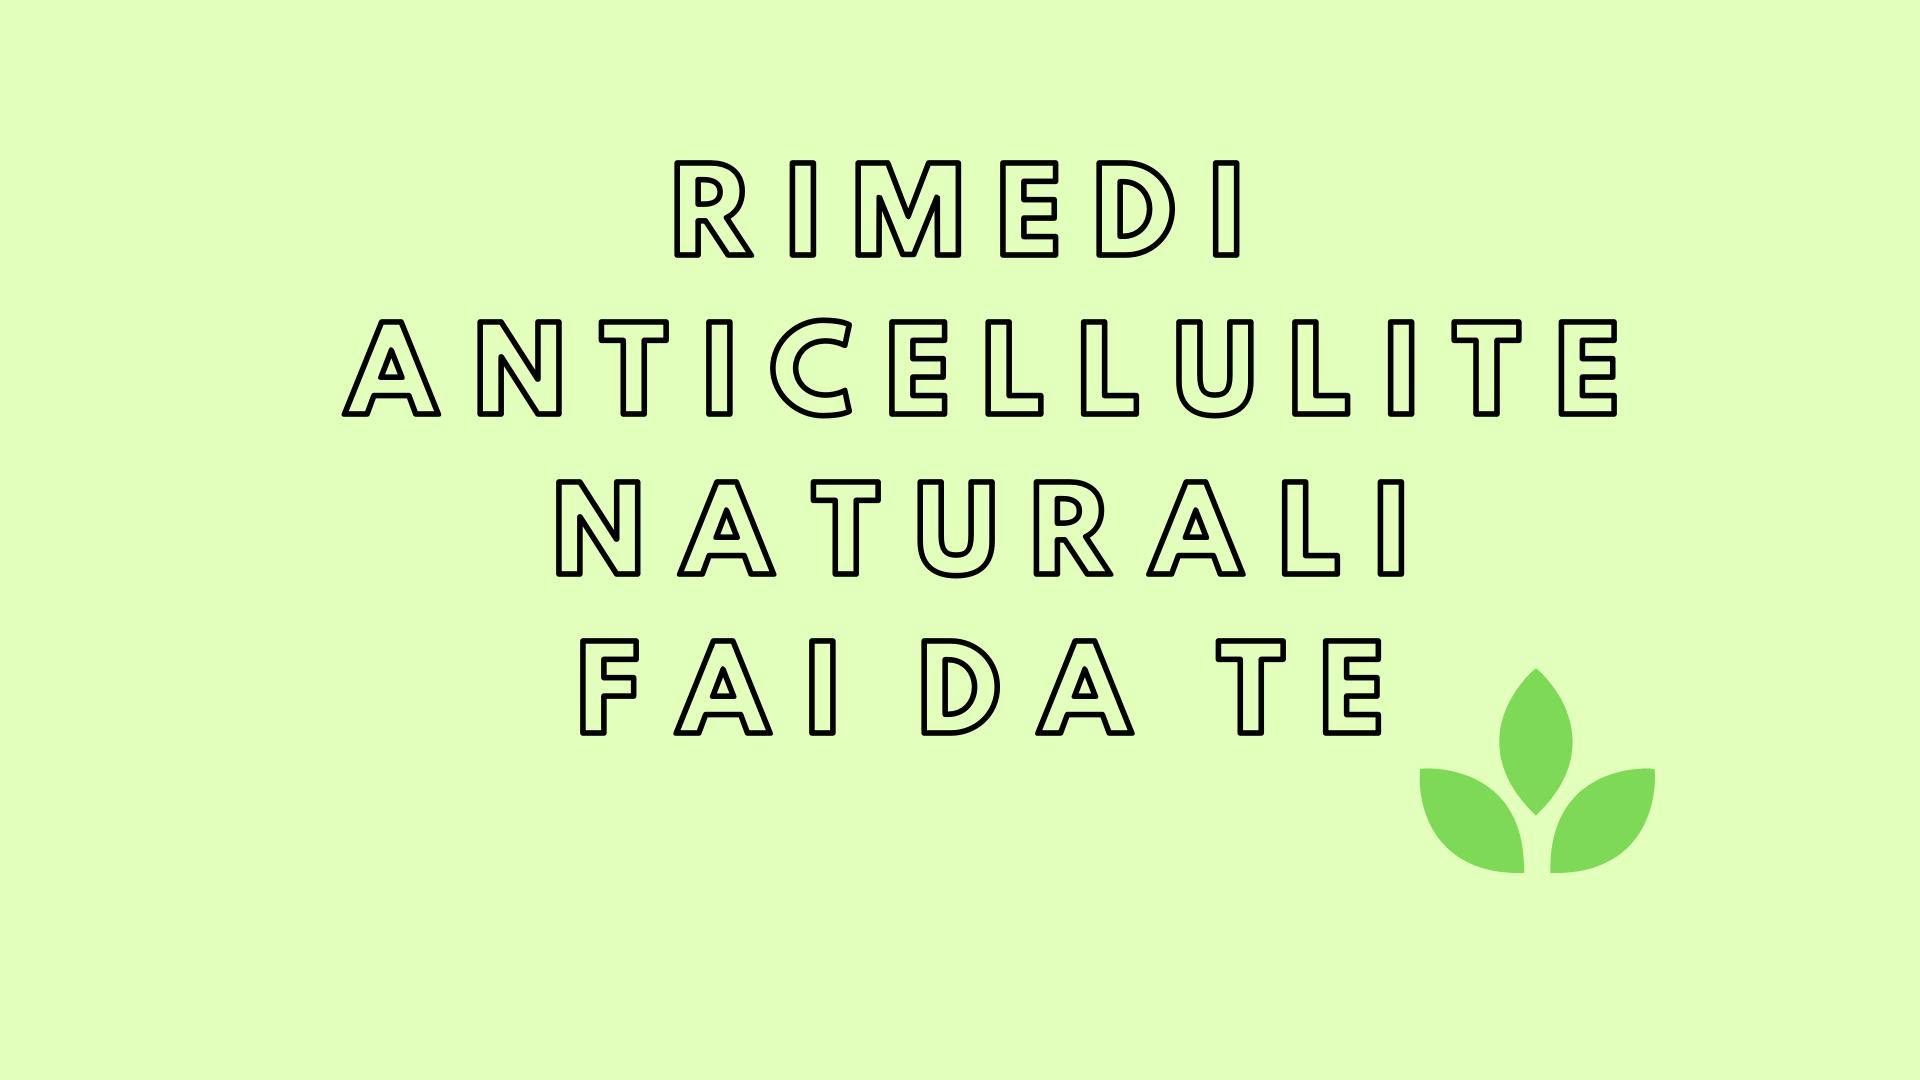 Rimedi Anticellulite Fai Da Te Le Ricette Piu Efficaci E Piu Economiche Cataldi Com